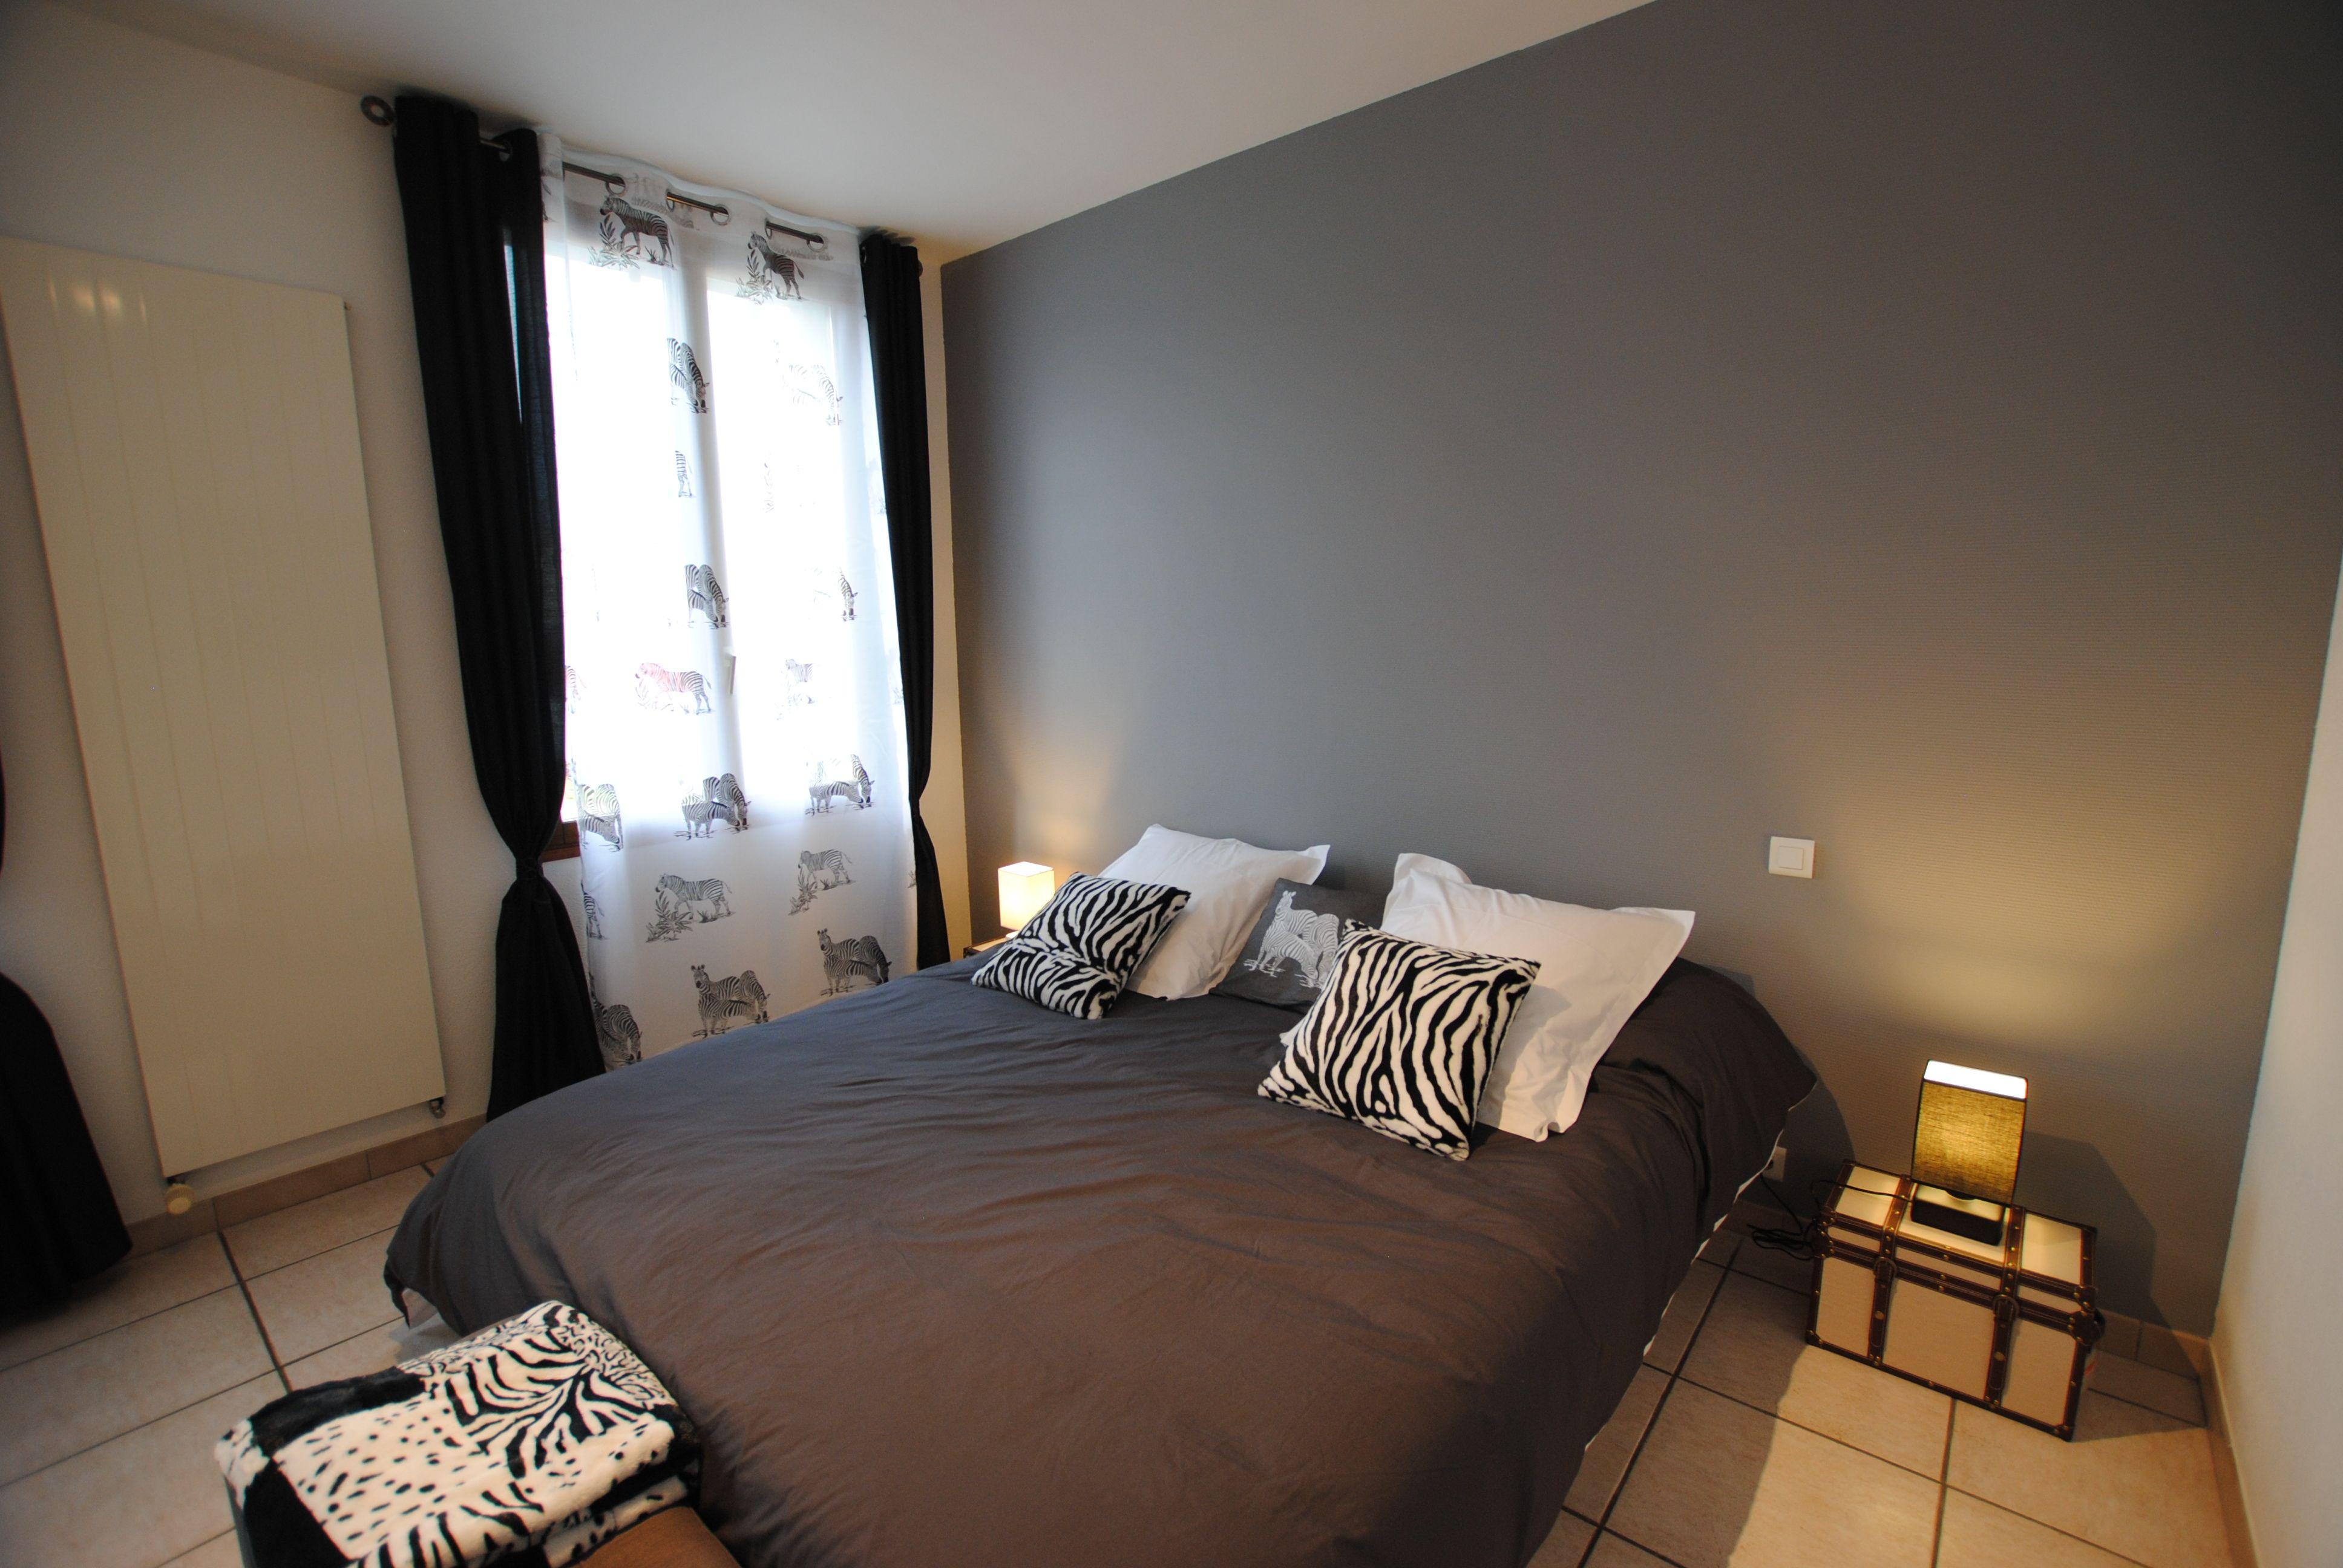 chambre 2 51G485 - Chez Bri-Gîte - Loisy sur Marne - Gîtes de France Marne